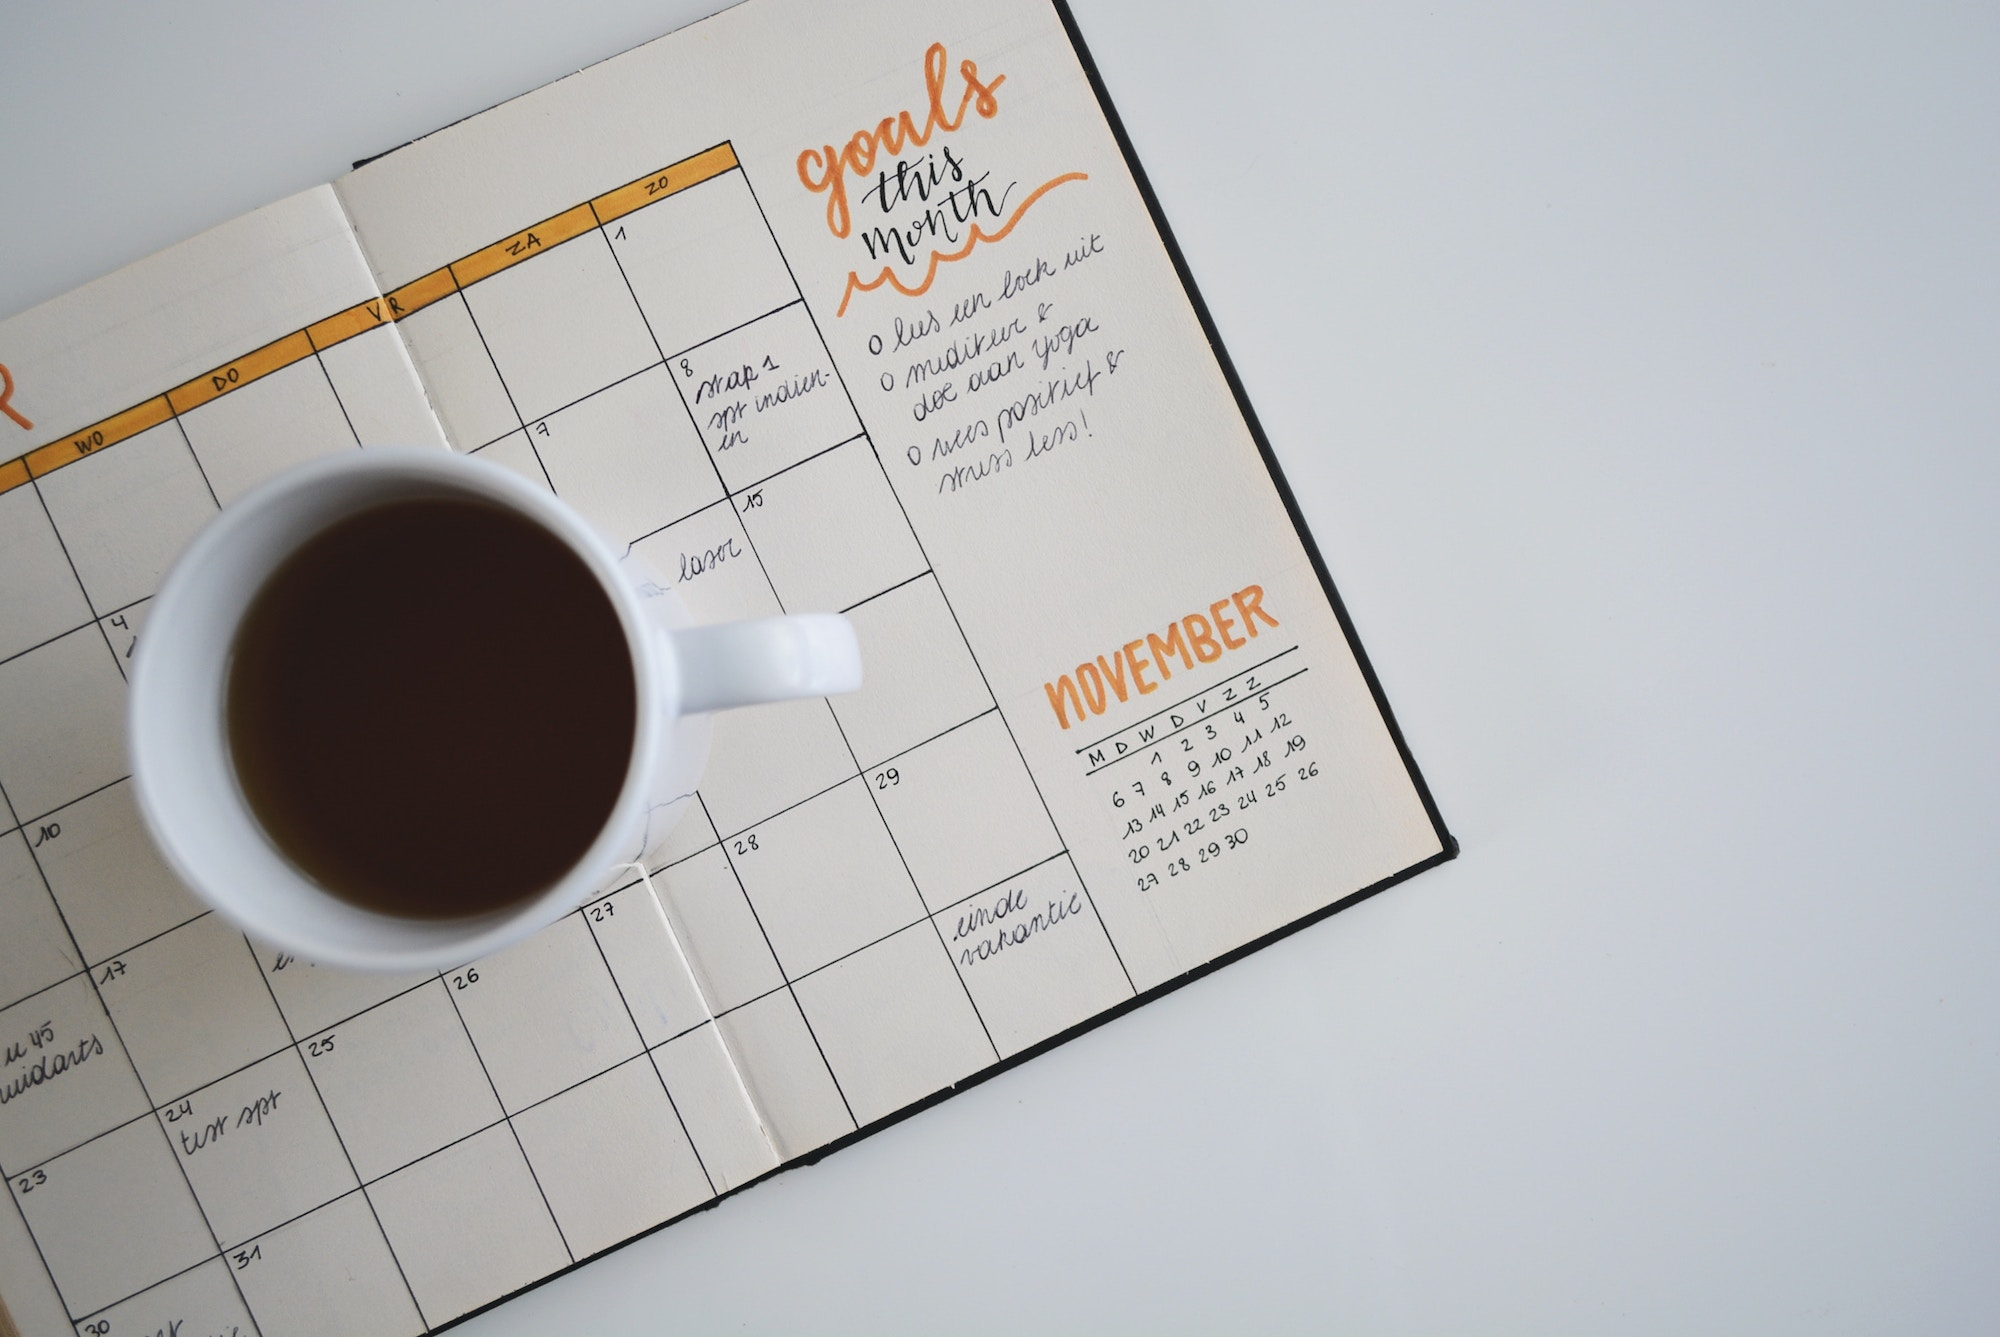 Goals written in a notebook